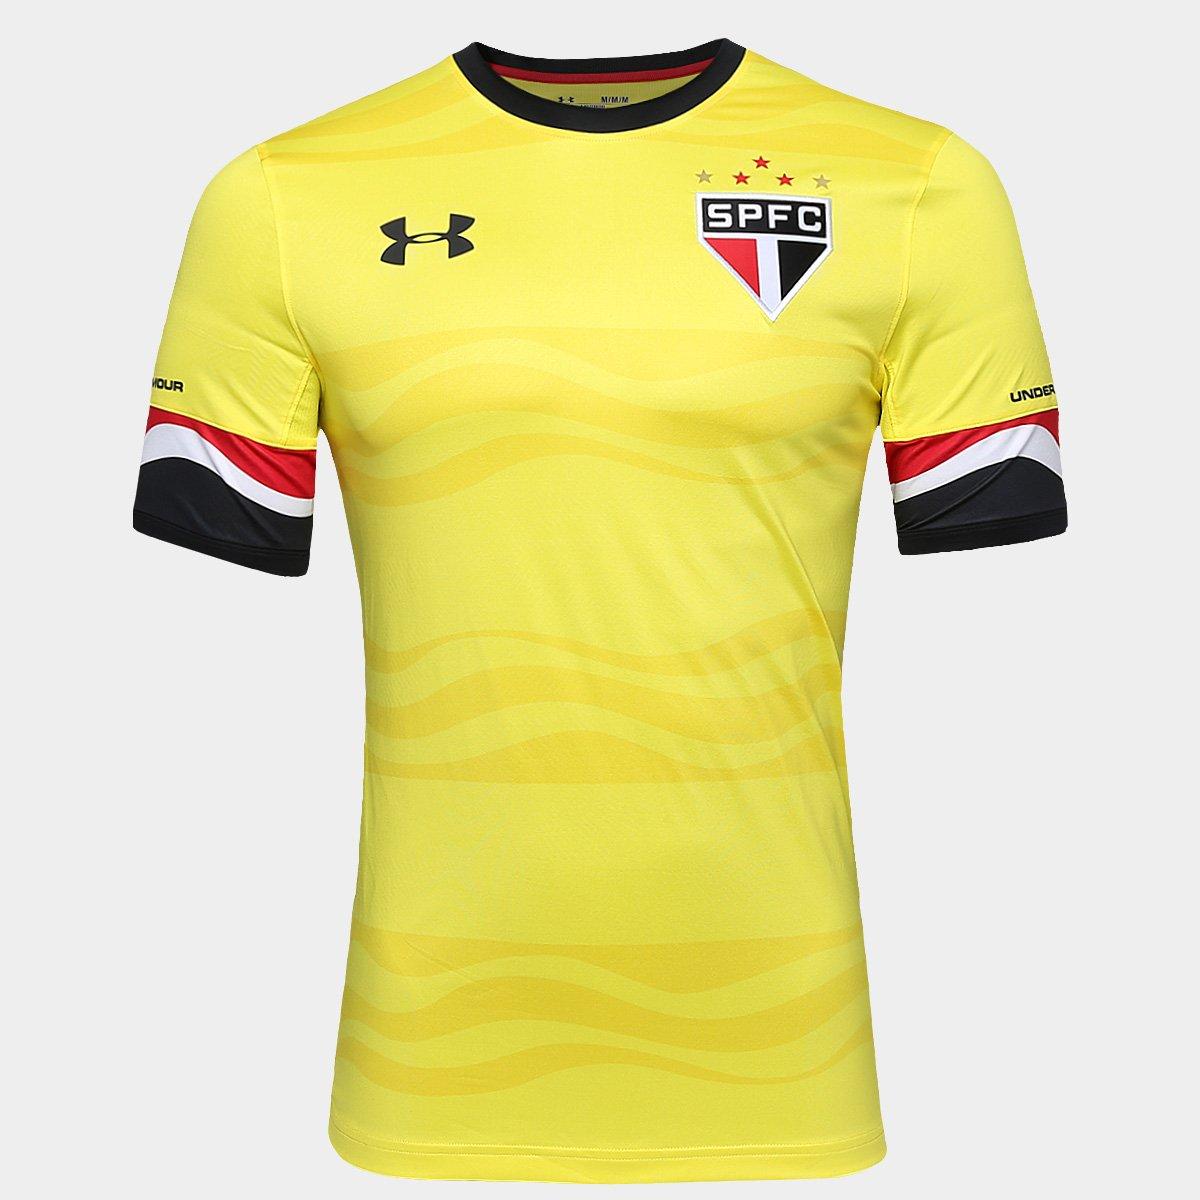 99d5178a5bc Camisa São Paulo III 16 17 s nº Jogador Under Armour Masculina - Compre  Agora